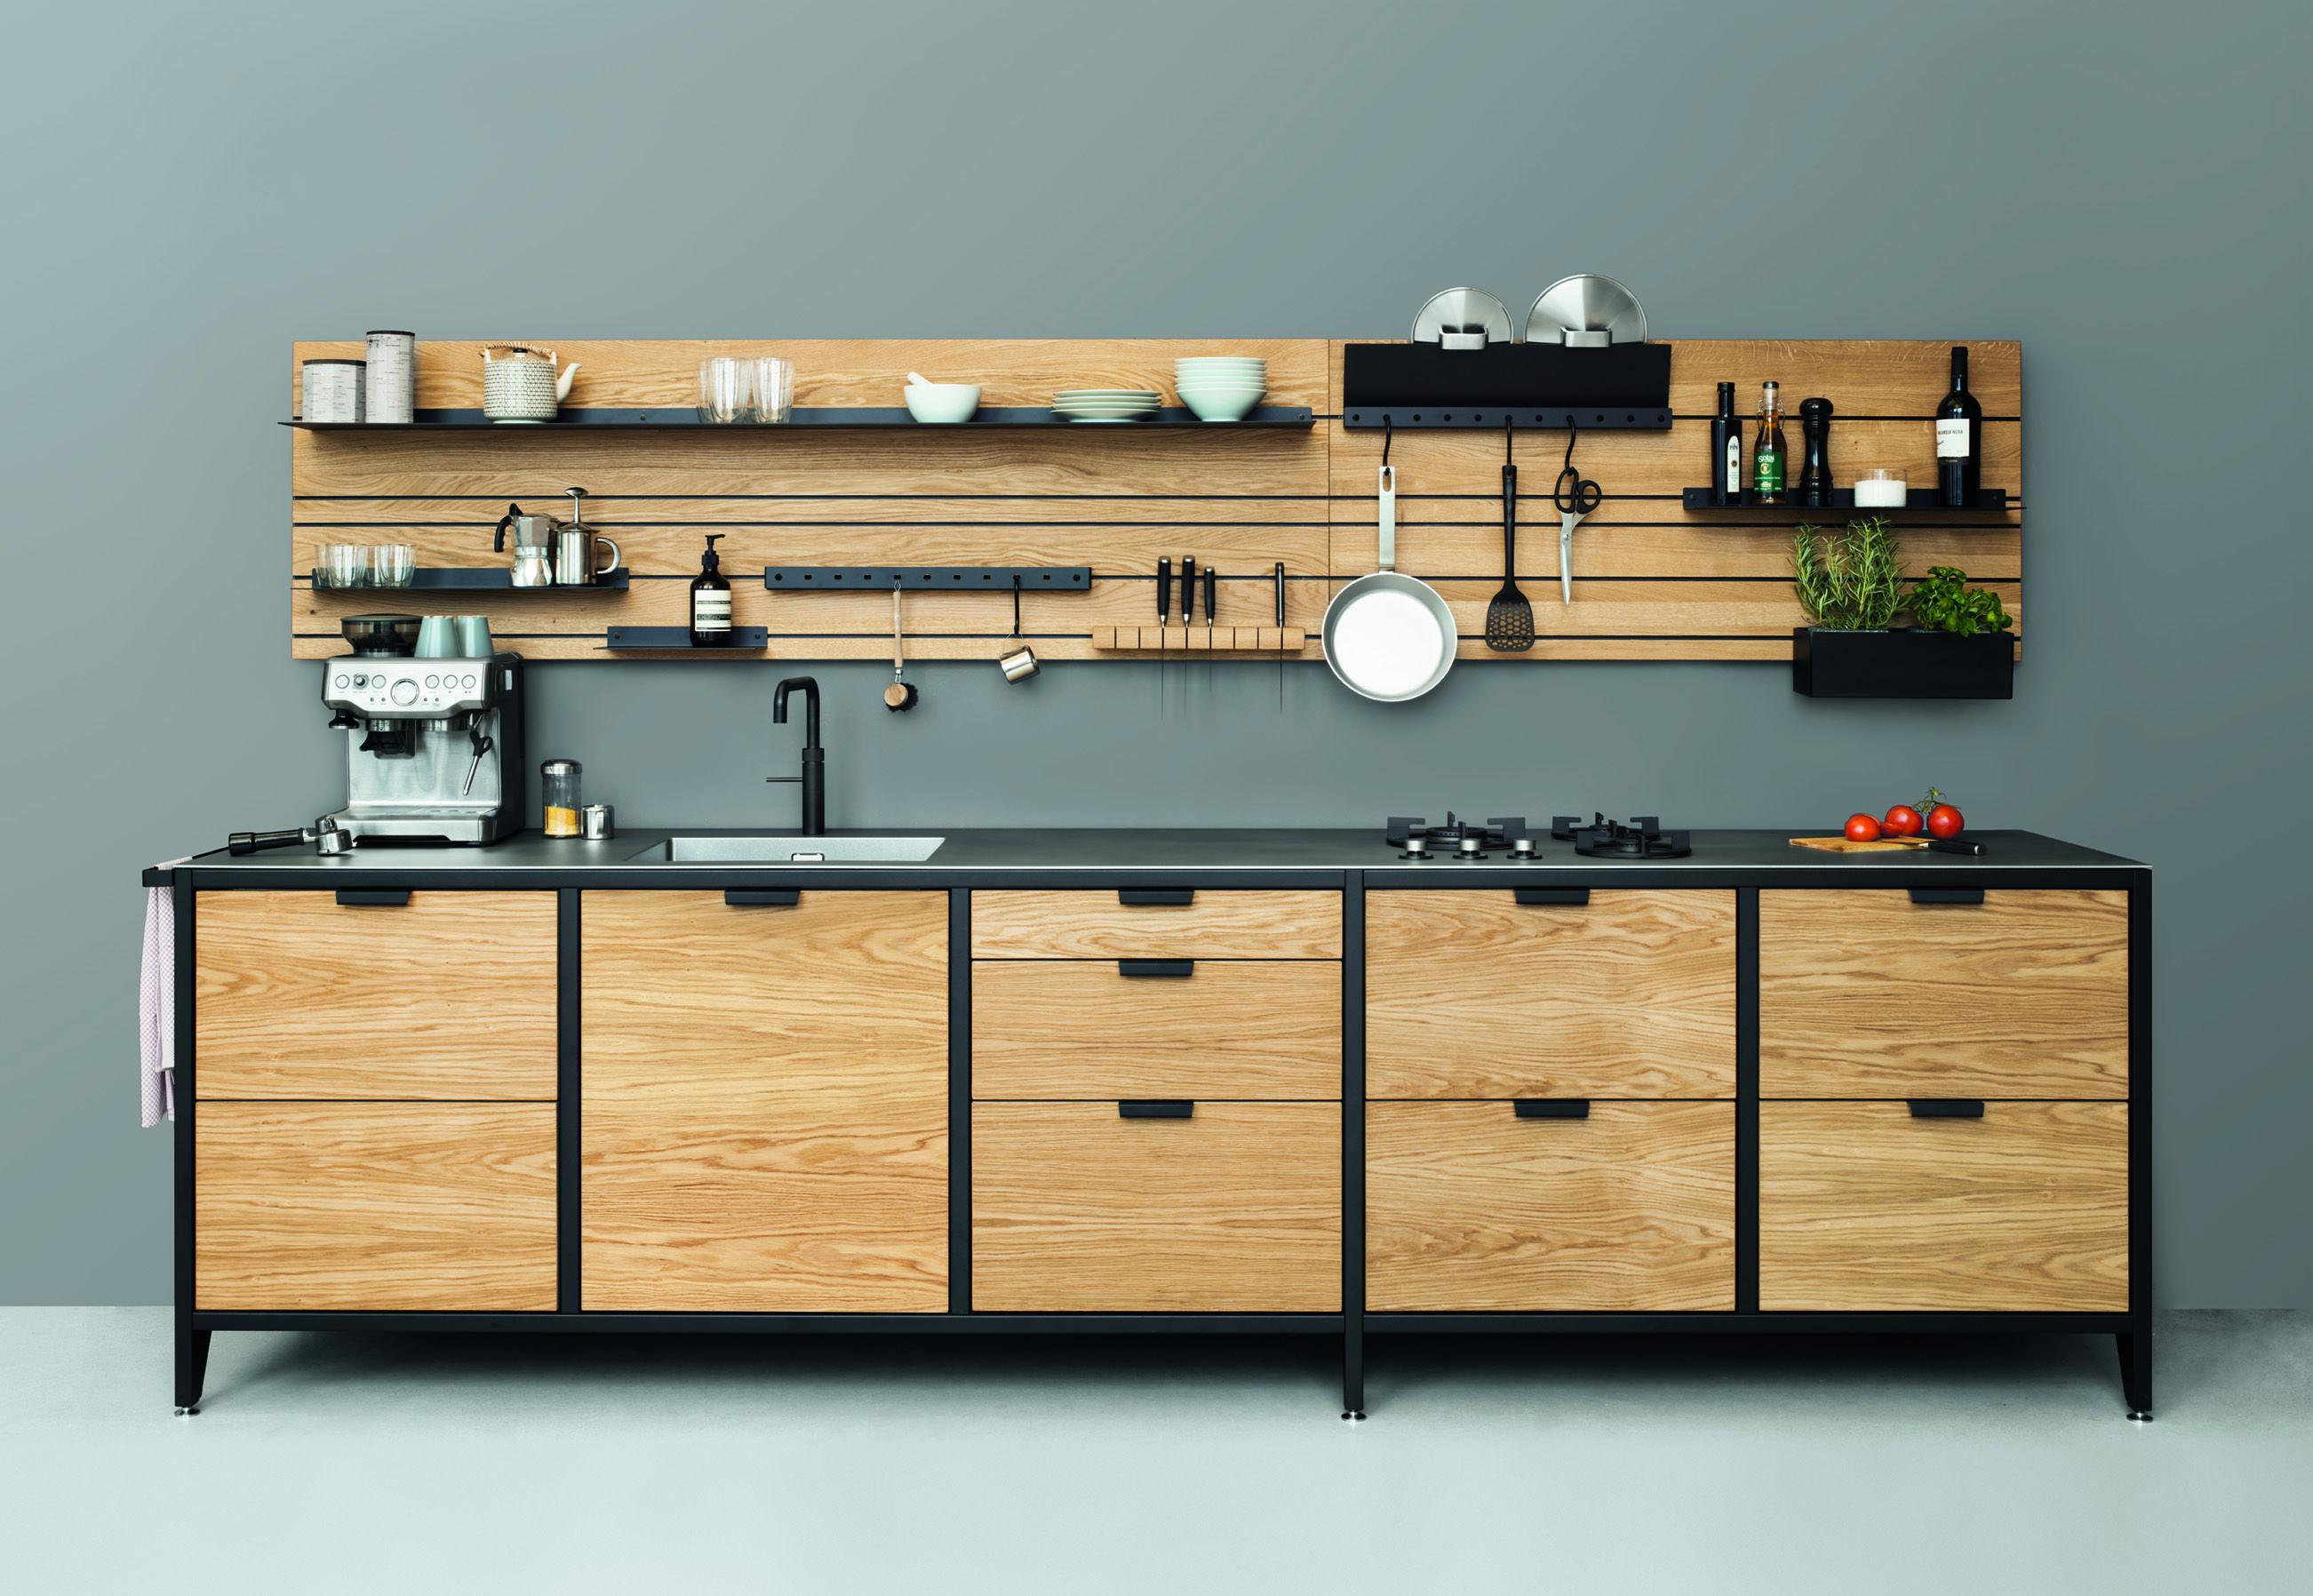 WANDPANEEL Regal – ein Regalsystem für die Küche von Jan Cray